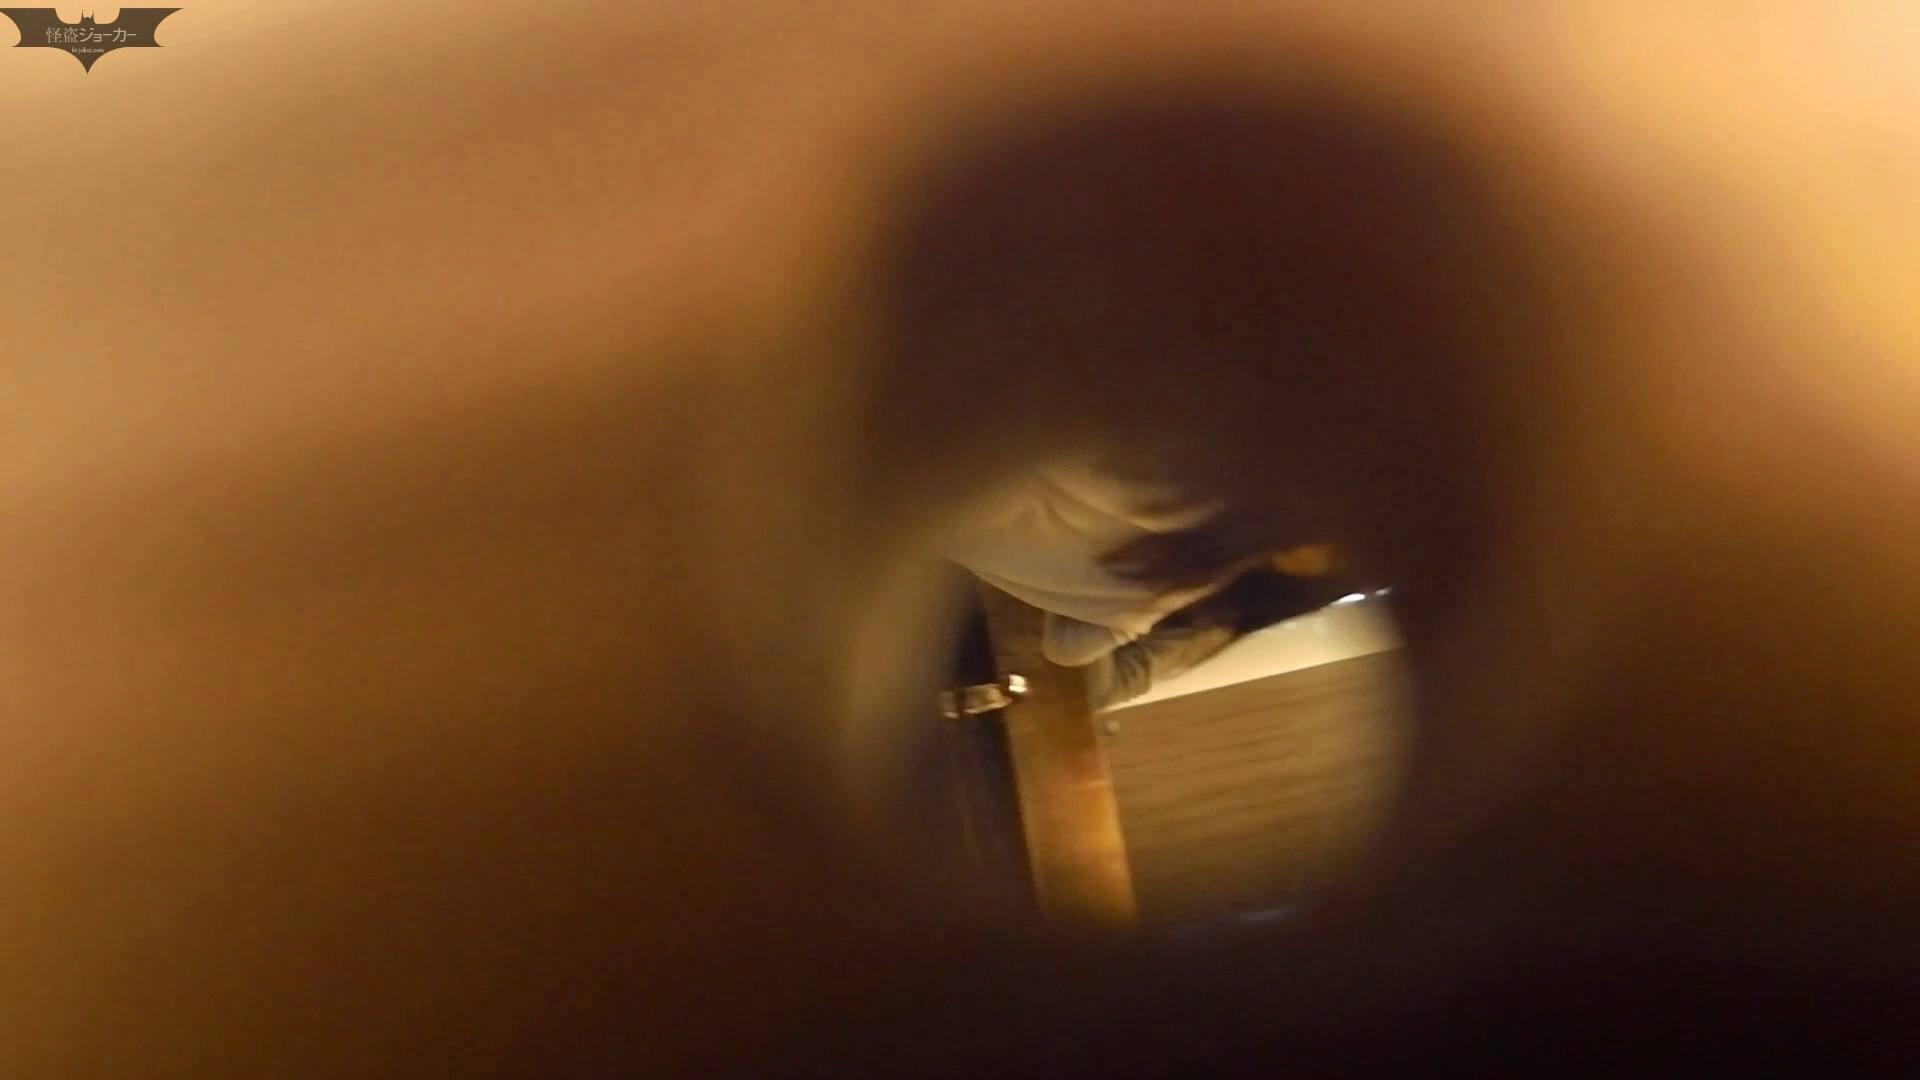 和式洋式七変化 Vol.28 綺麗に撮れました。(ー_ー)!! 洗面所 盗撮エロ画像 105pic 53